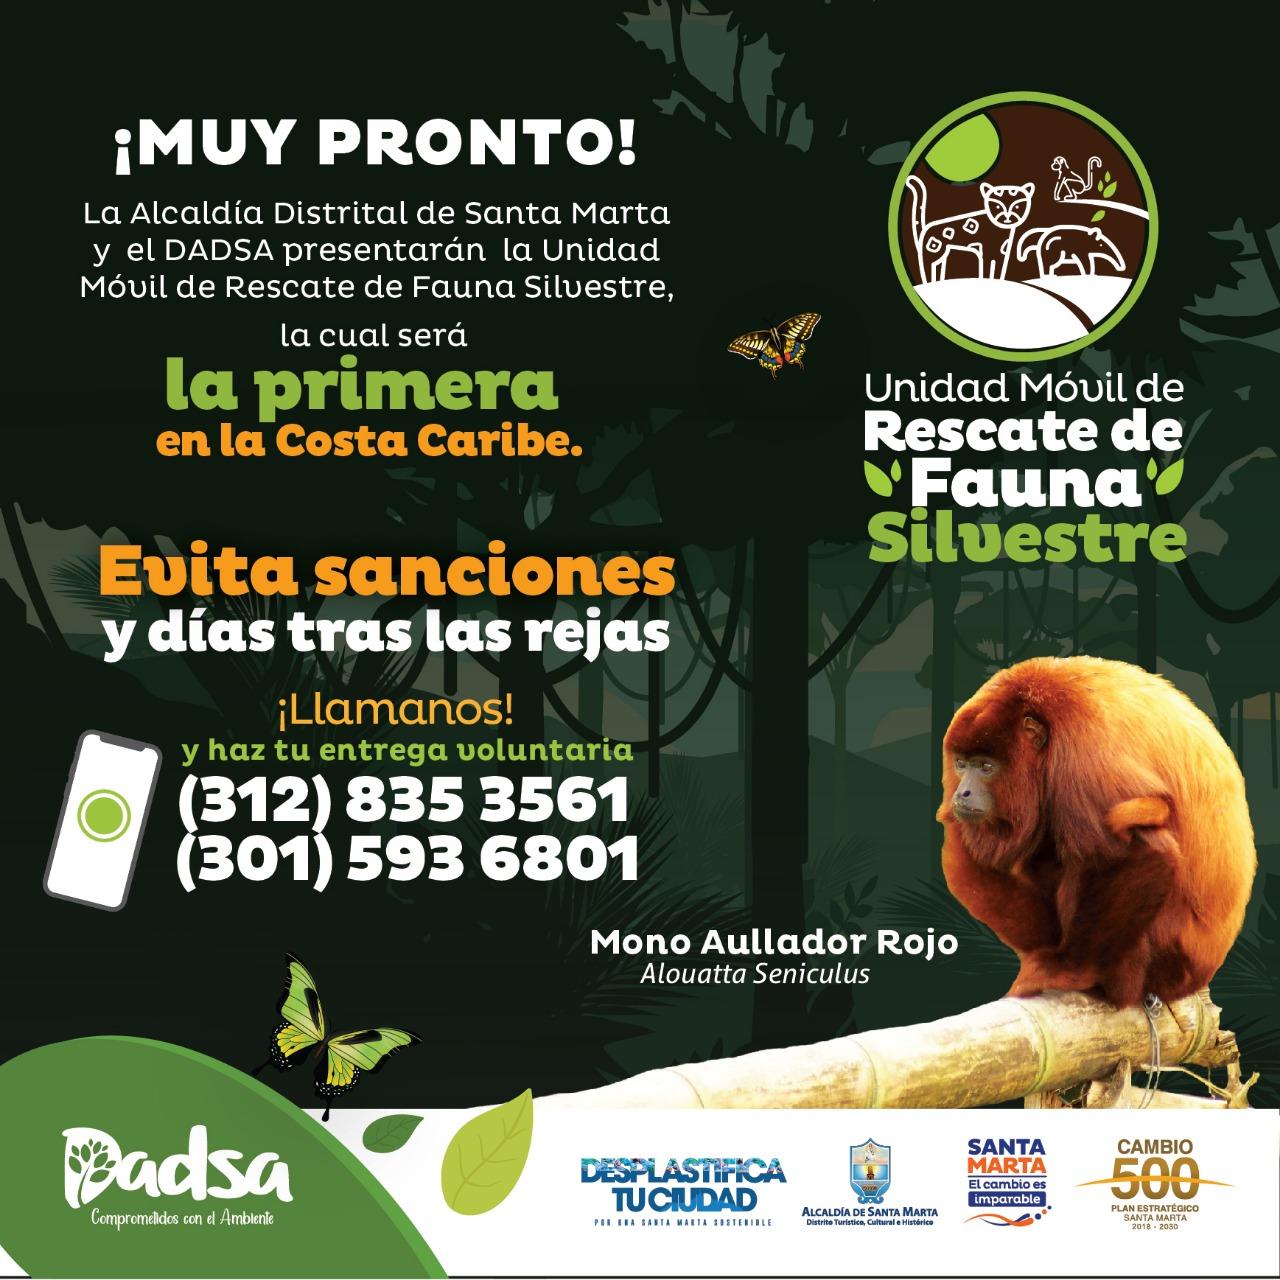 Santa Marta se prepara para ser líder en el Caribe en protección de fauna silvestre con Unidad de Rescate del Dadsa